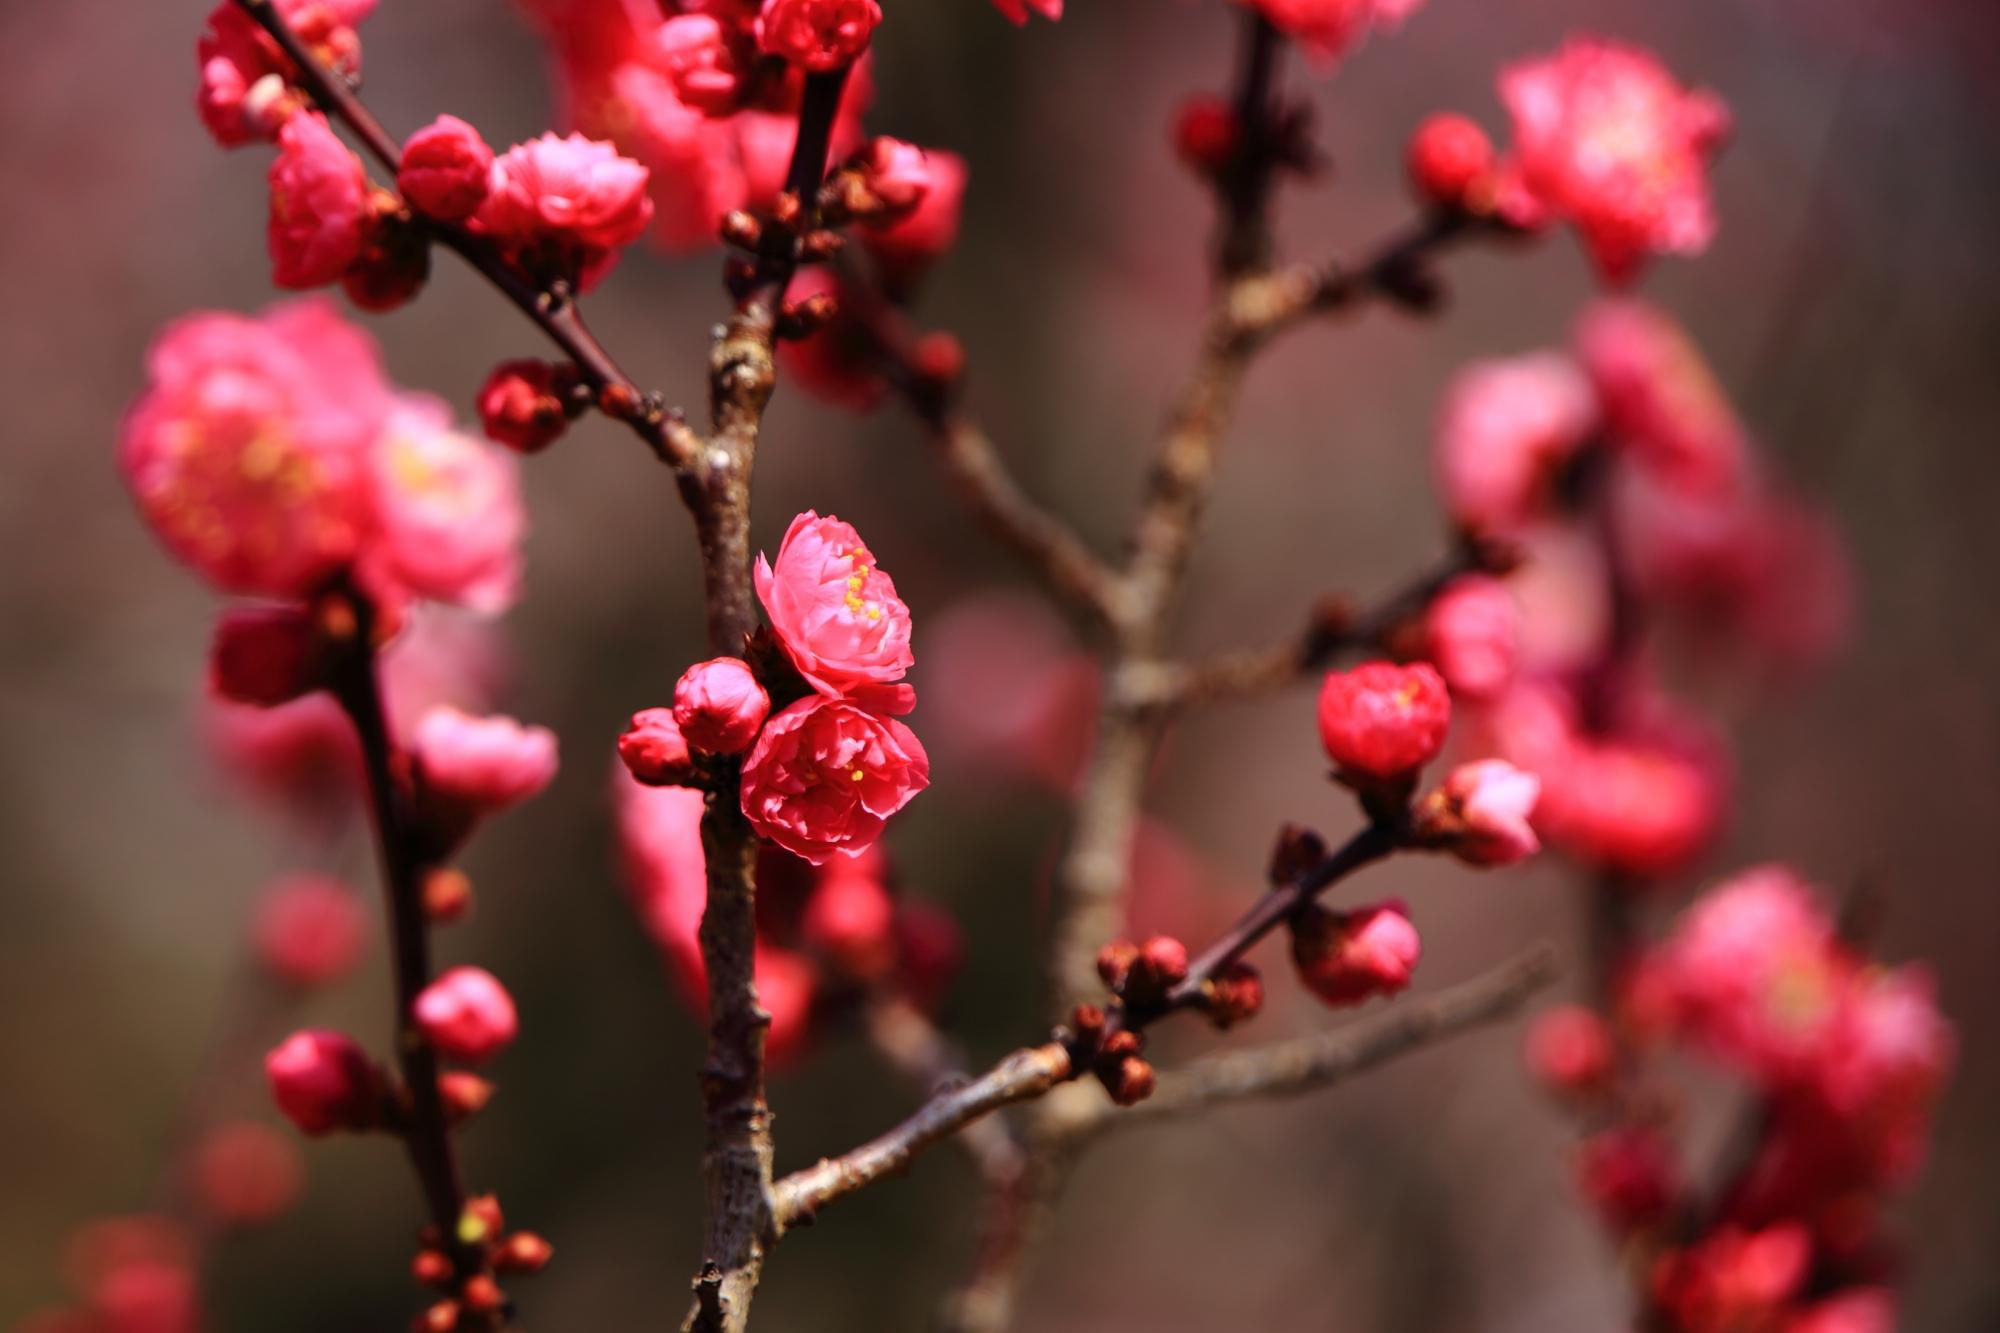 華やかであり風情も感じられる梅の花